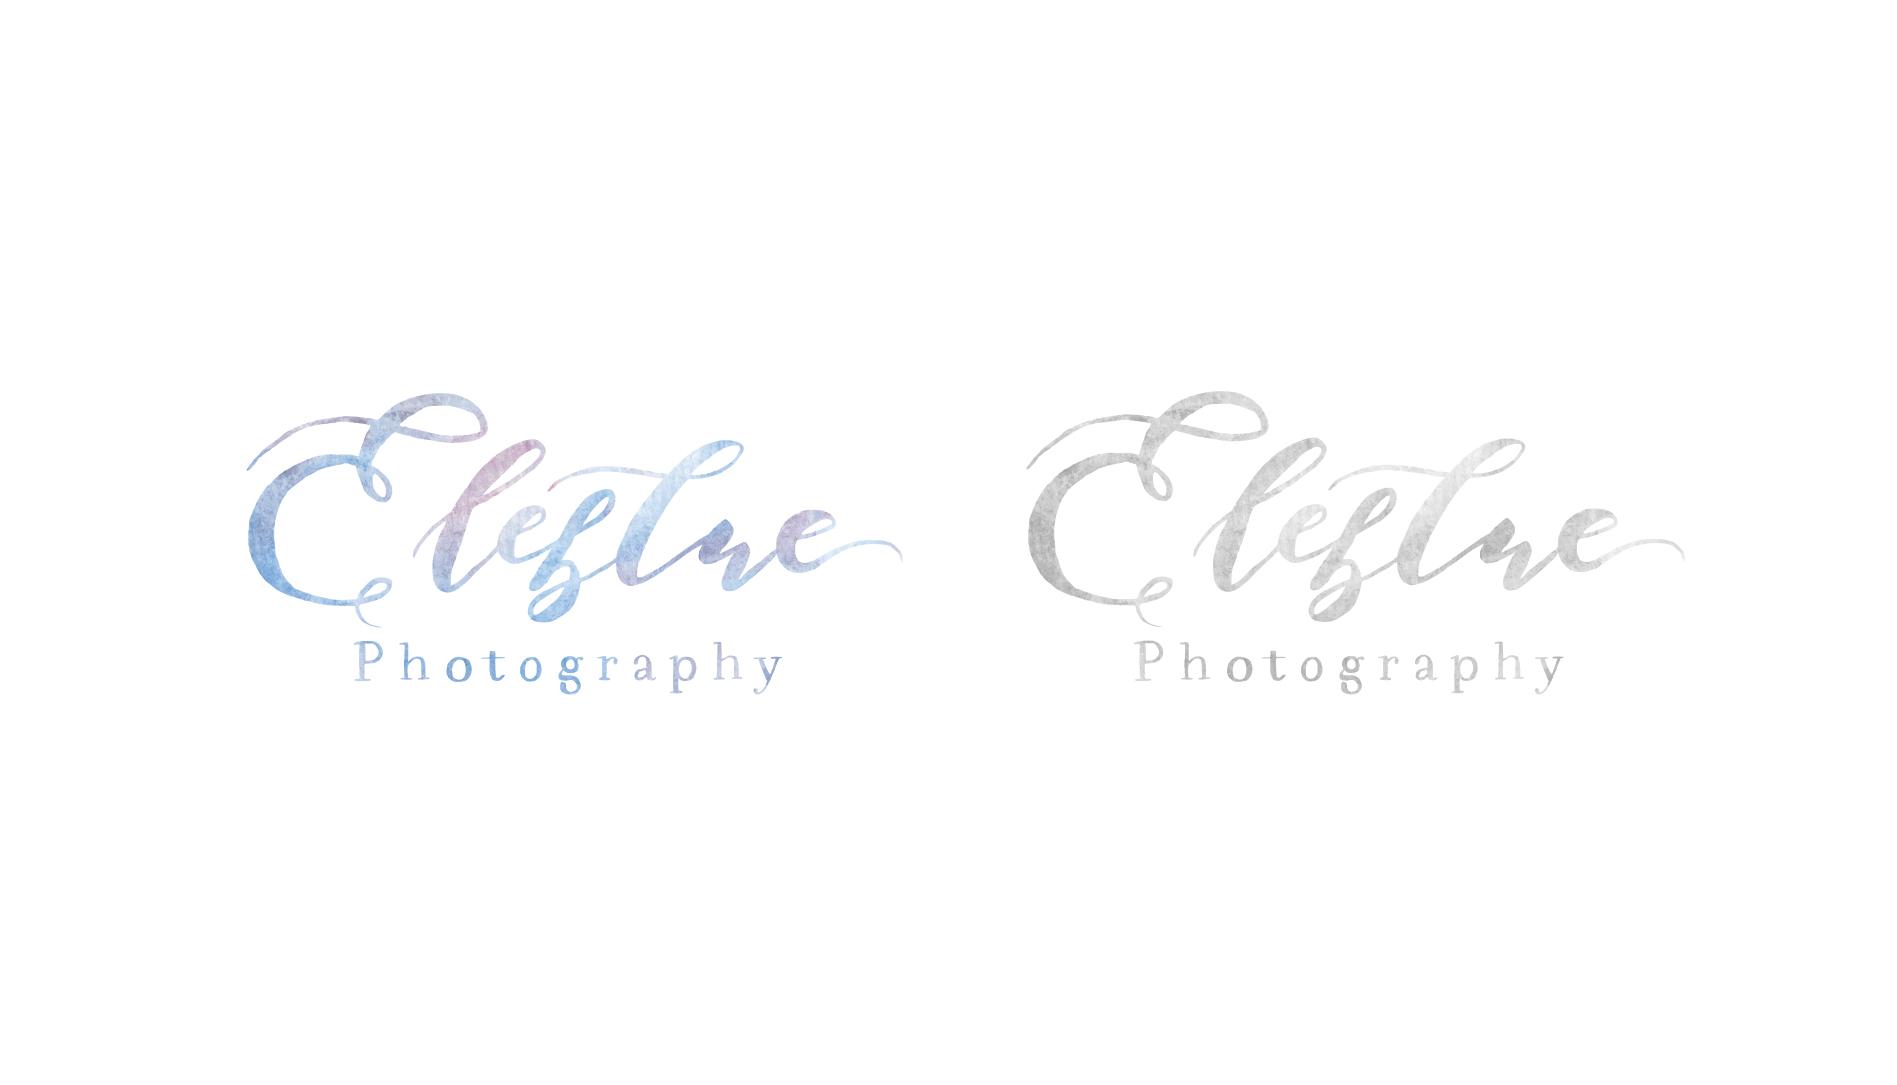 SmallBusinessBranding-LogoDesign-HandletteredLogo-CalligraphyLogo-BirminghamAlabama-TrueNorthPaperCo.jpg